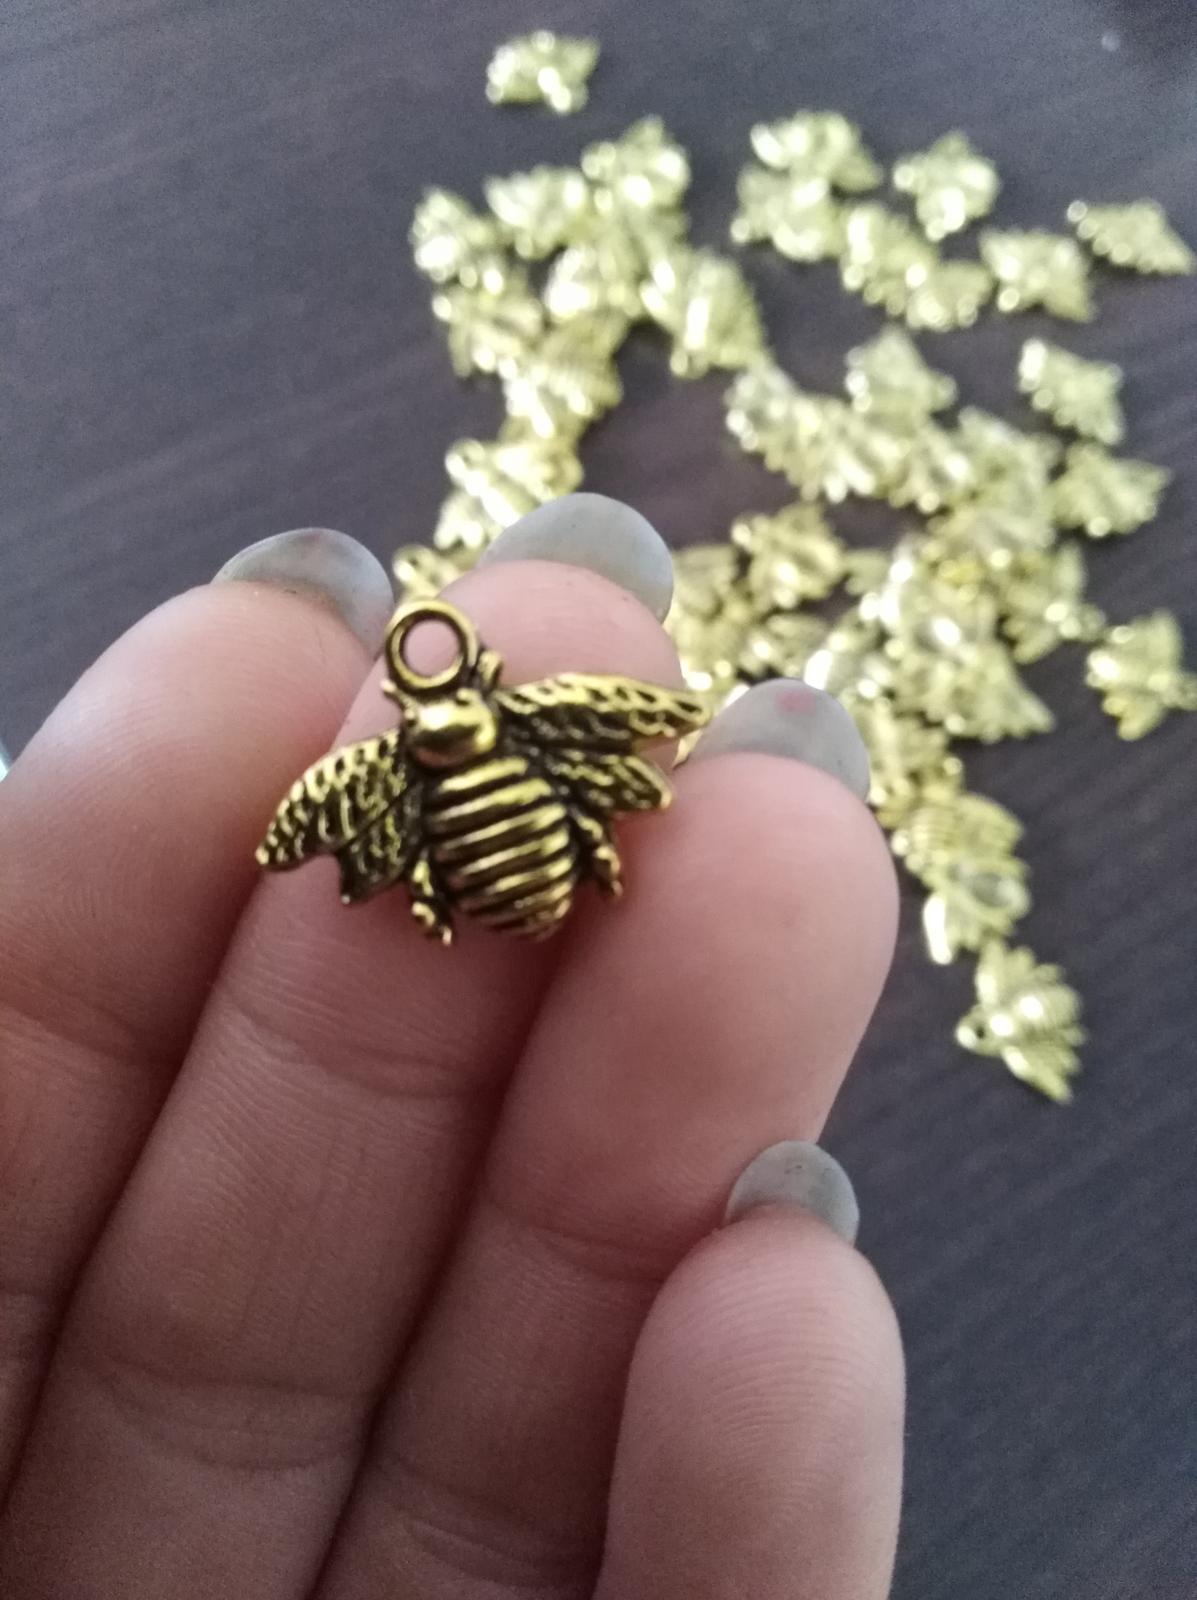 Všetko čo už máme - Včeličky na domáci medík a možno ich použijem aj na menovky  :)